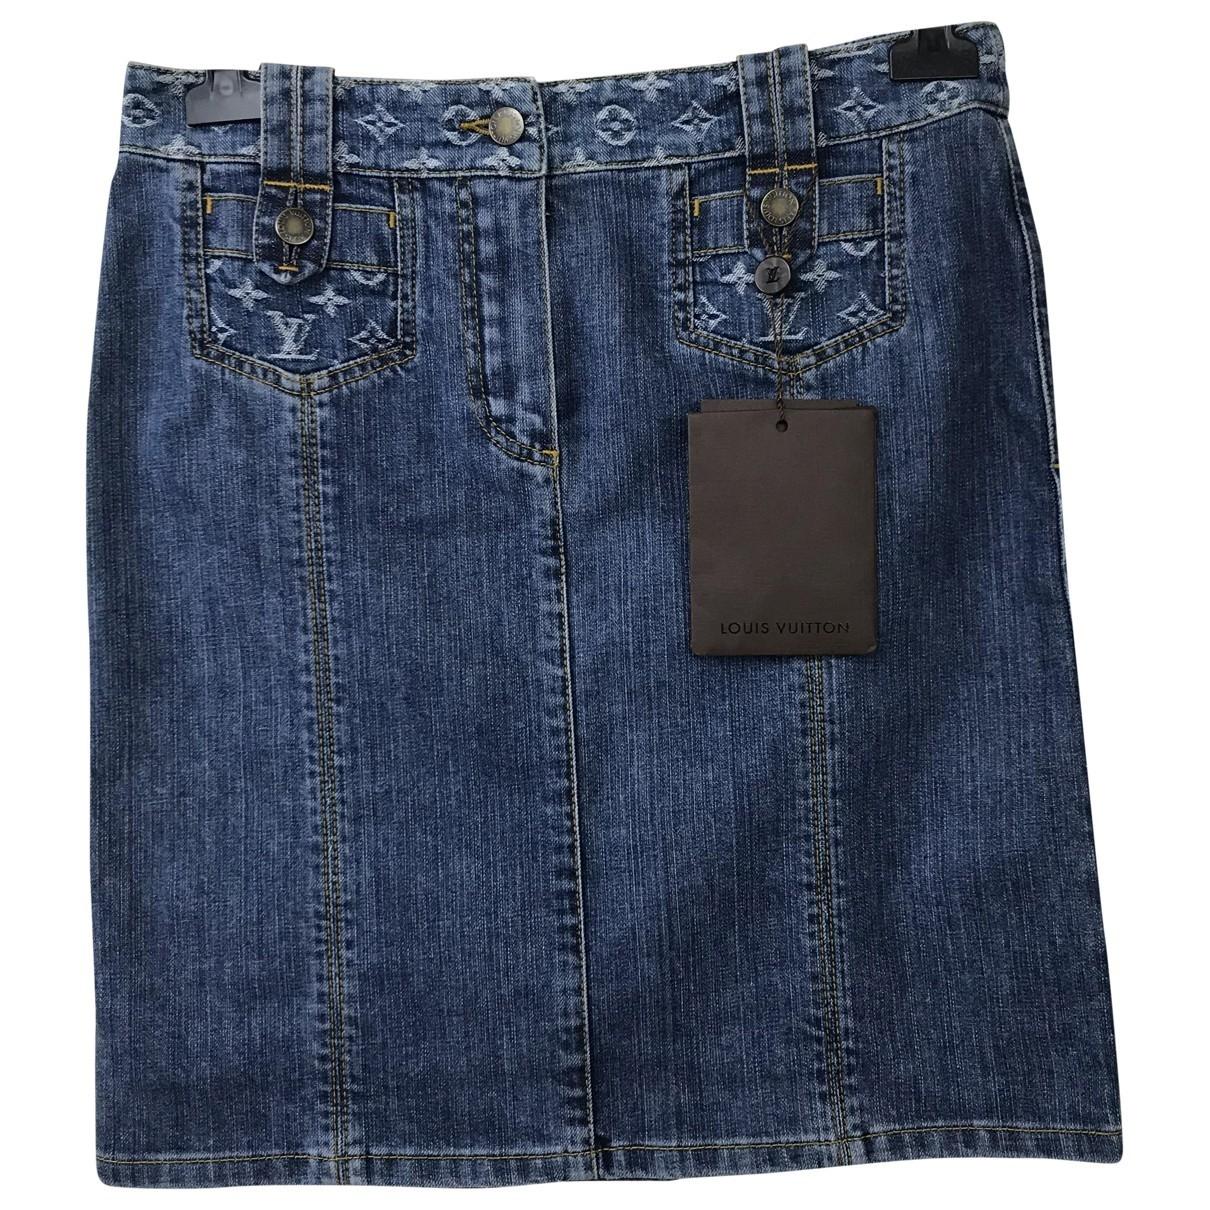 Louis Vuitton \N Blue Cotton - elasthane skirt for Women 38 FR